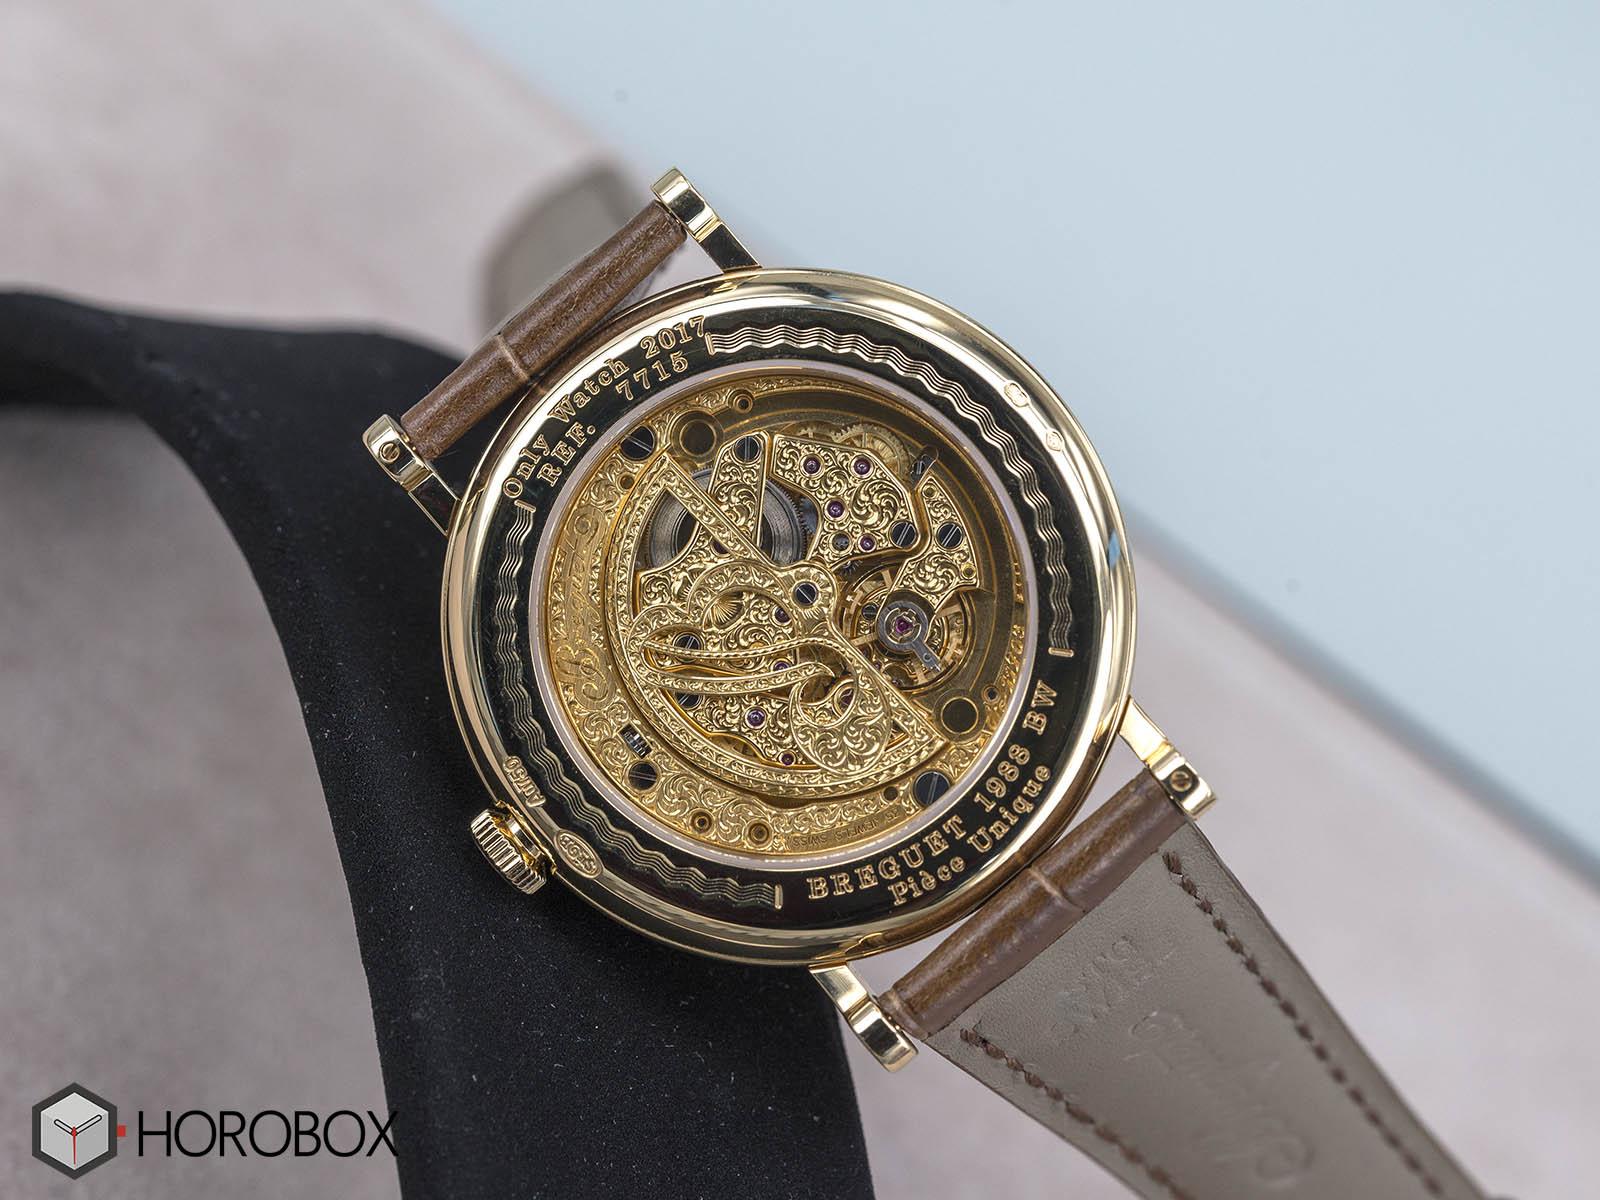 breguet-classique-quantieme-perpetual-en-ligneonlywatch-2.jpg